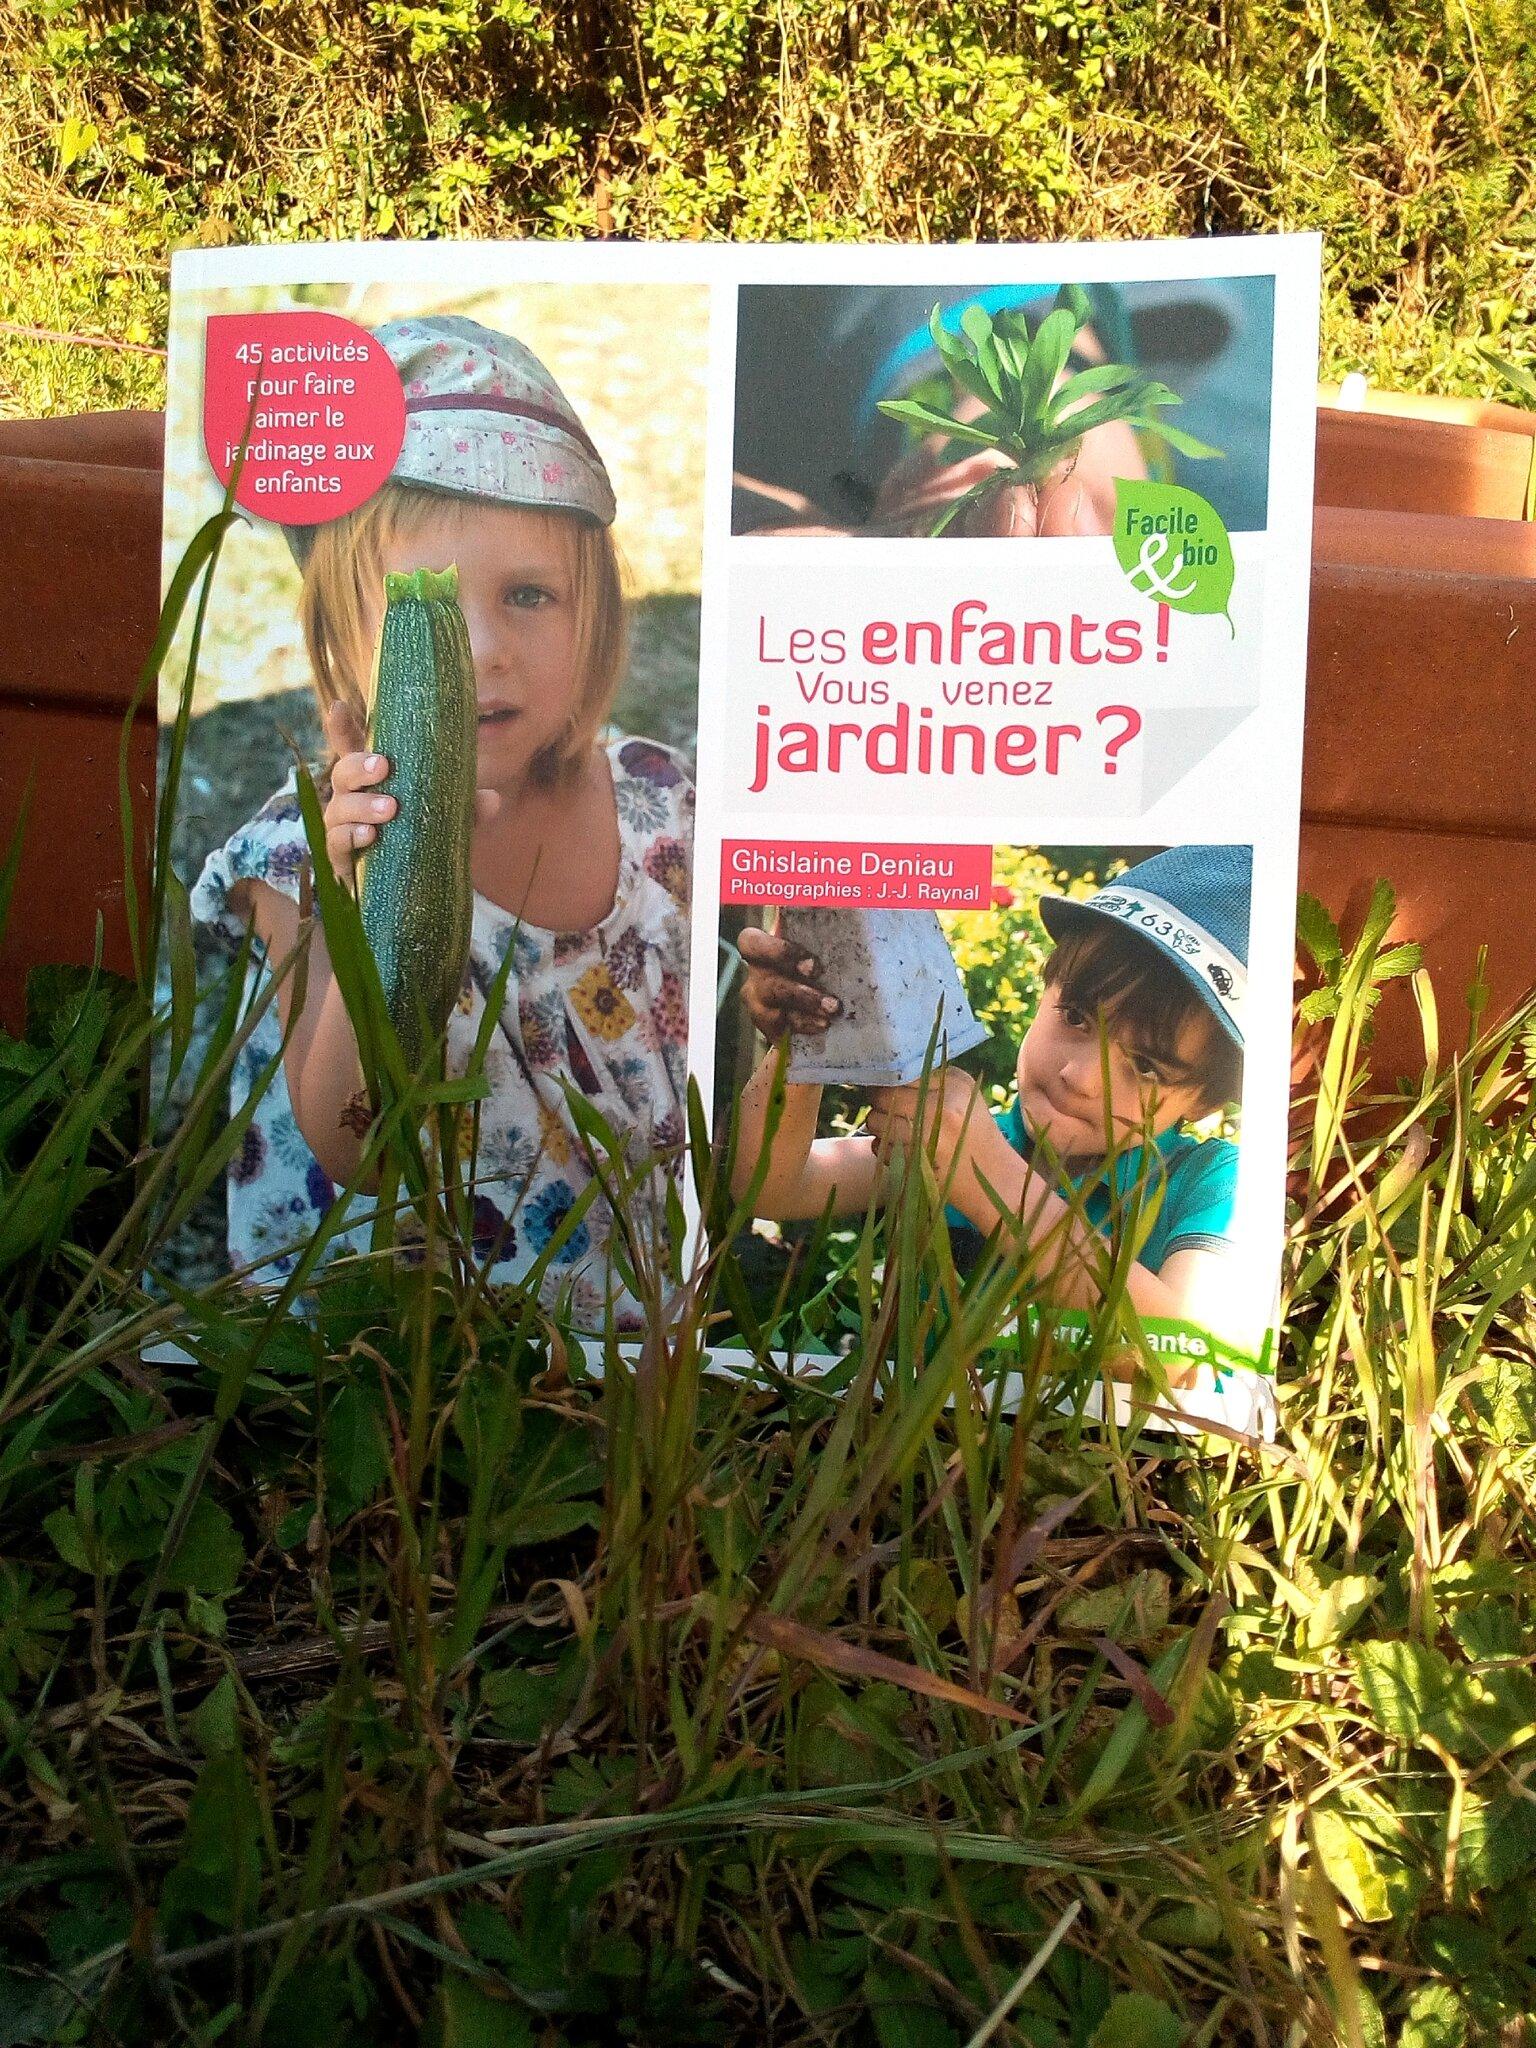 """Le dimanche on bouquine """"Les enfants Vous venez jardiner"""